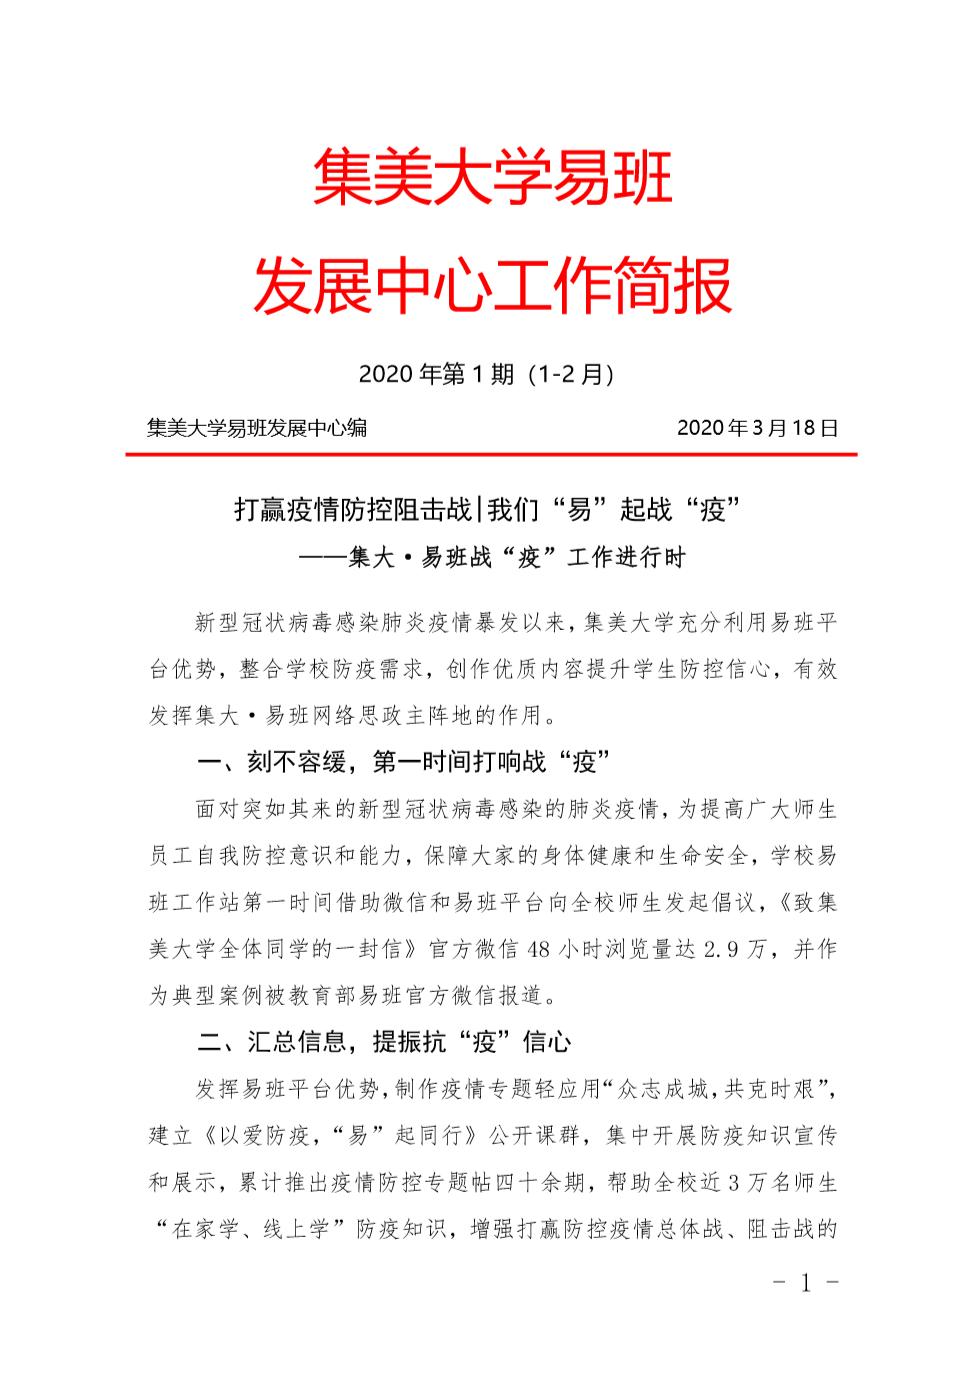 【集美大学易班发展中心工作简报】——2020年第1期(1-2月)